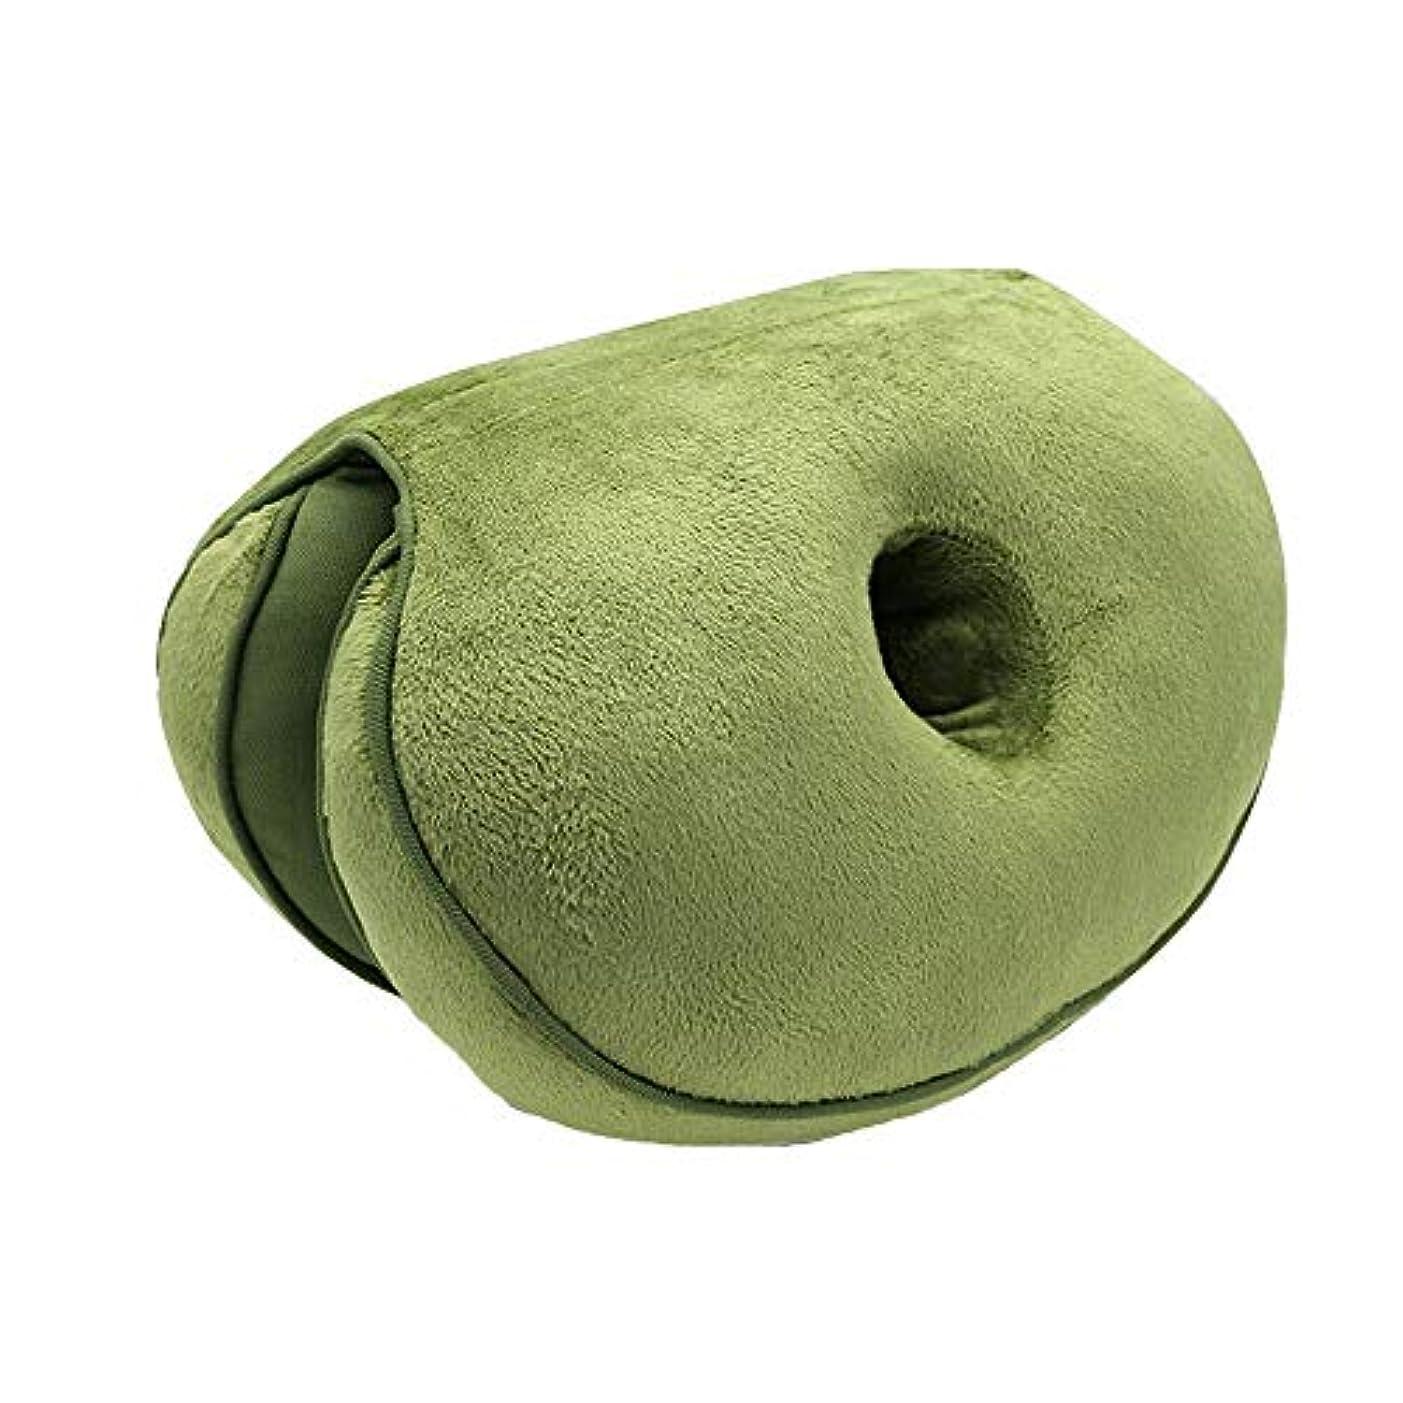 衝突コース衝突コースマークされたLIFE 新デュアルシートクッション低反発ラテックスオフィスチェアバックシートクッション快適な臀部マットパッド枕旅行枕女性女の子 クッション 椅子